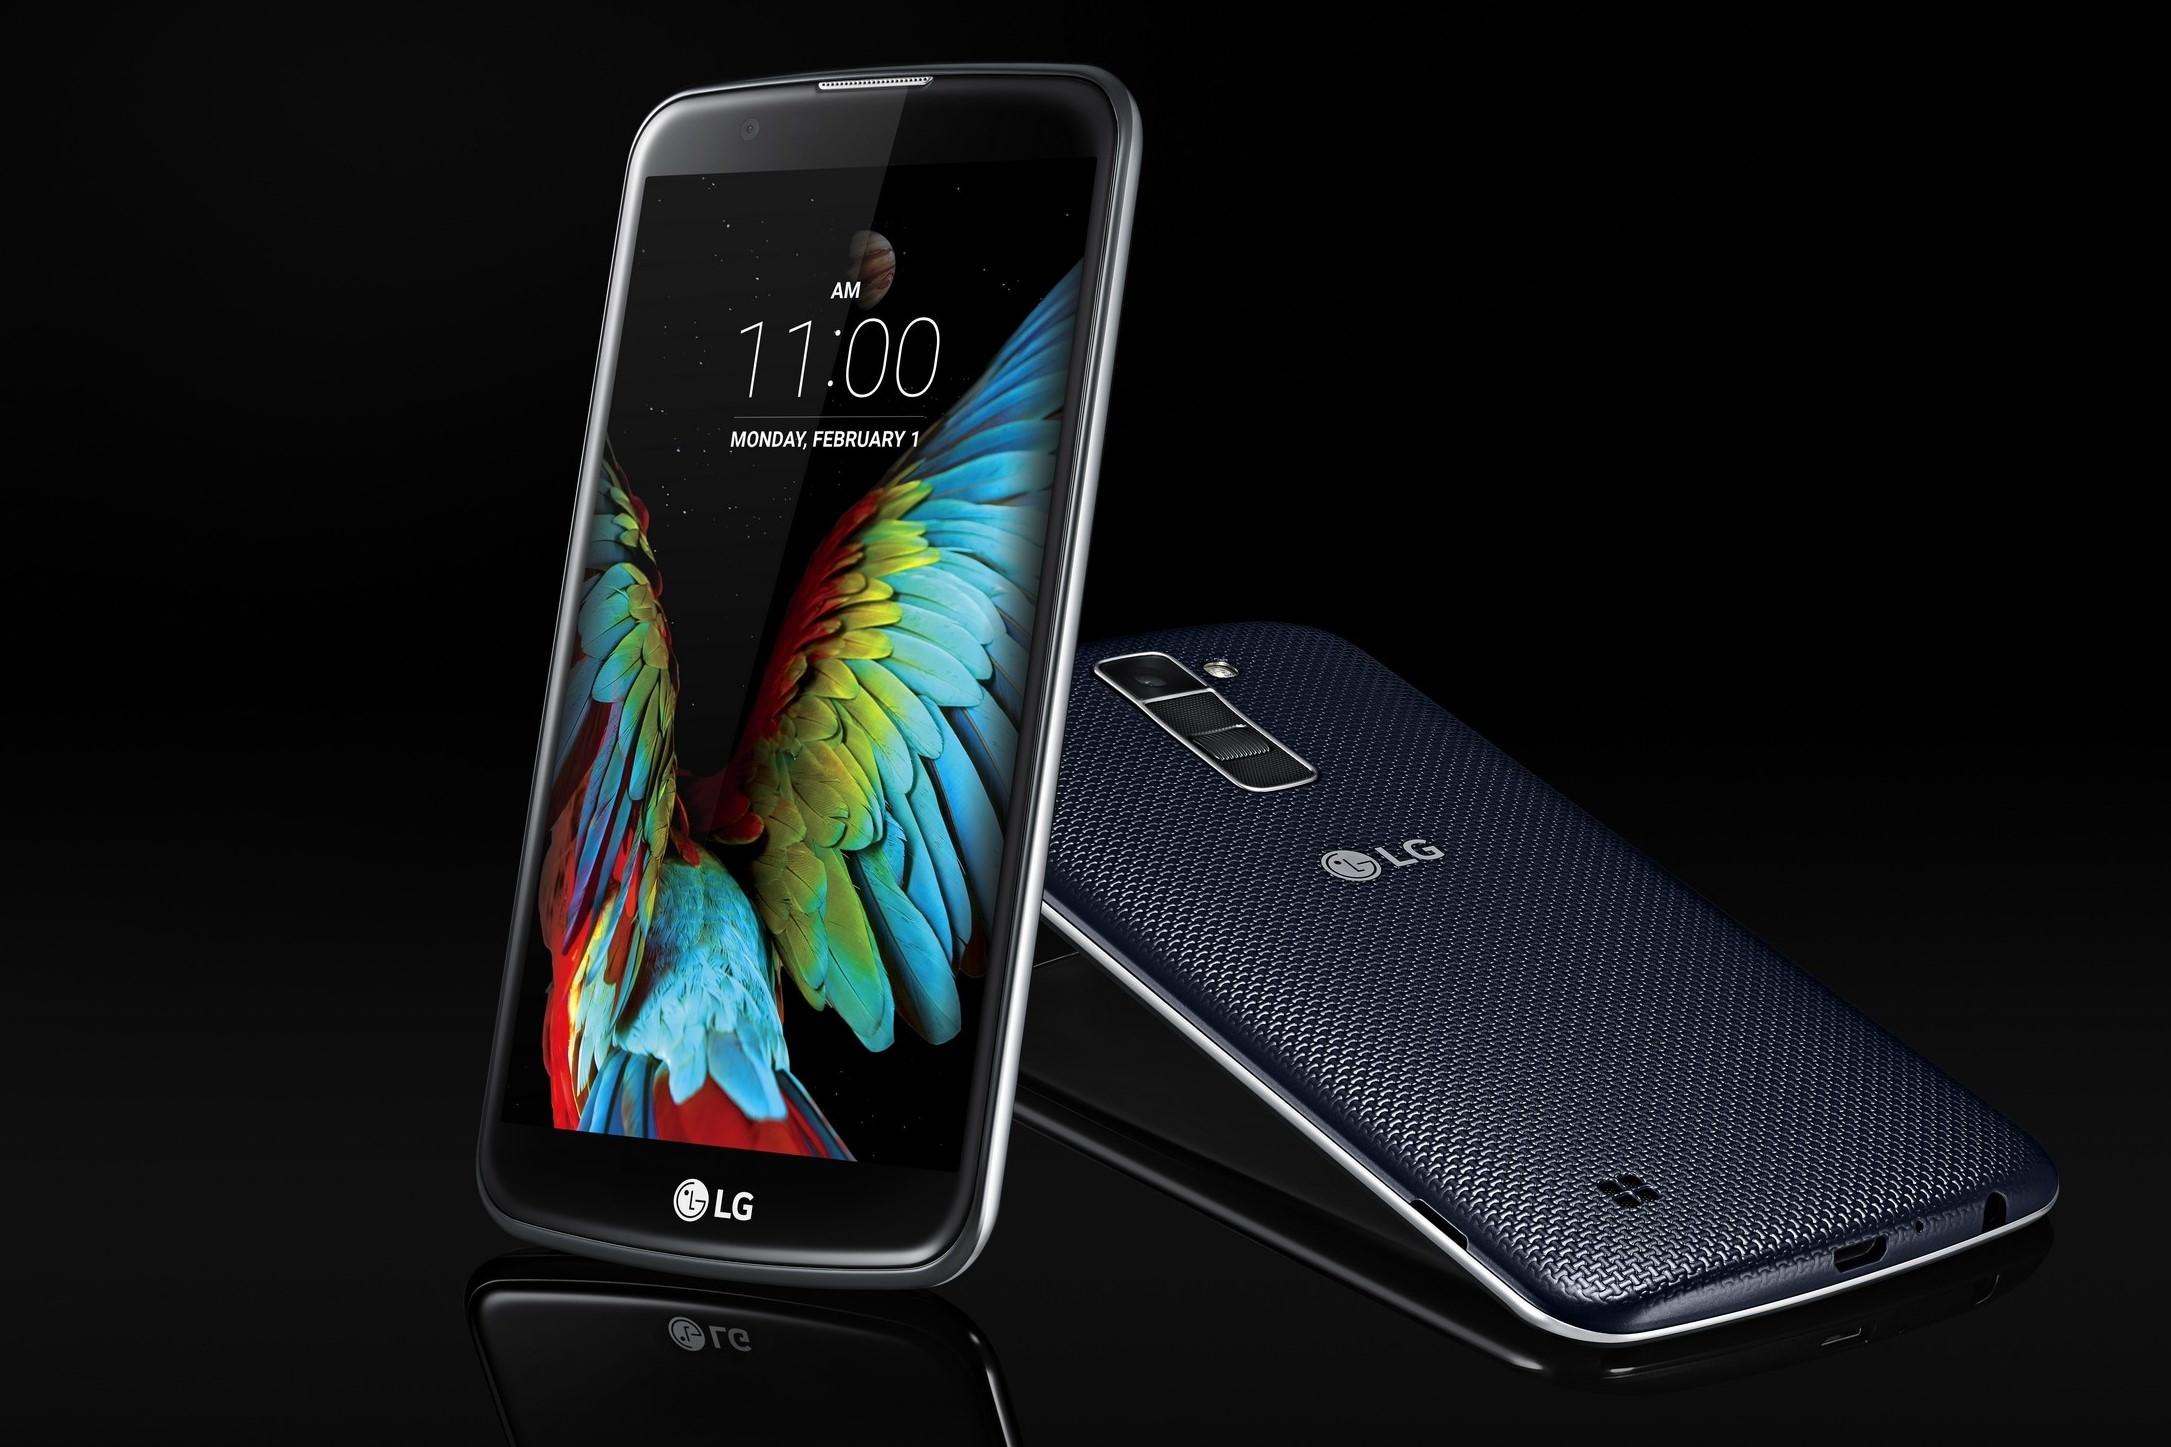 новинки смартфонов LG 2017